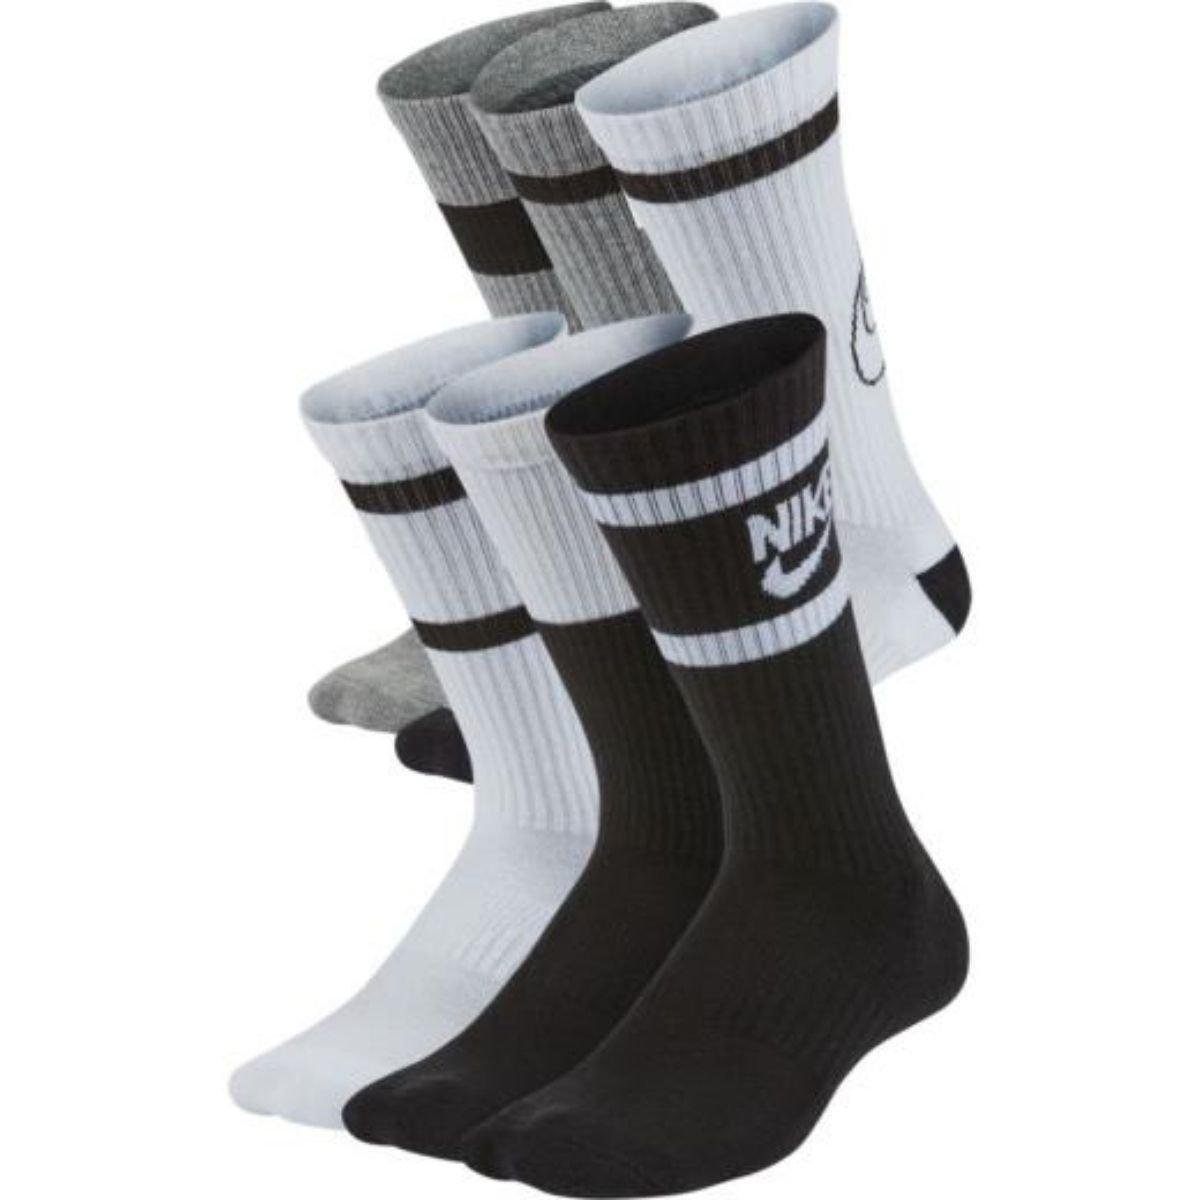 Calza Nike Everyday Dri-FIT...